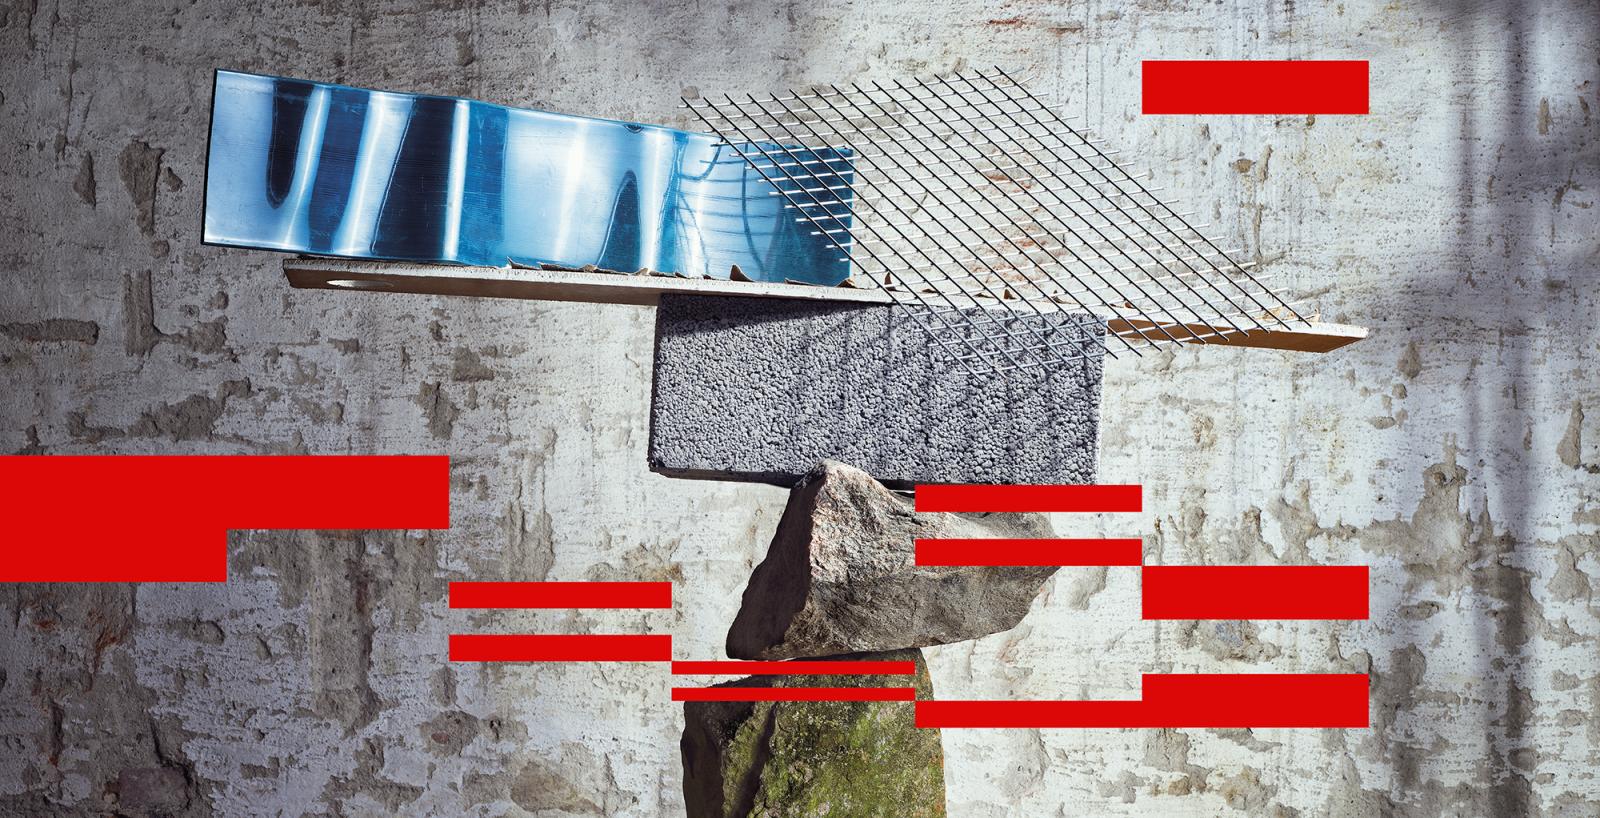 Vuoden 2021 Asko Avonius -Palkinto Pihla Meskaselle - Helsinki Design Week